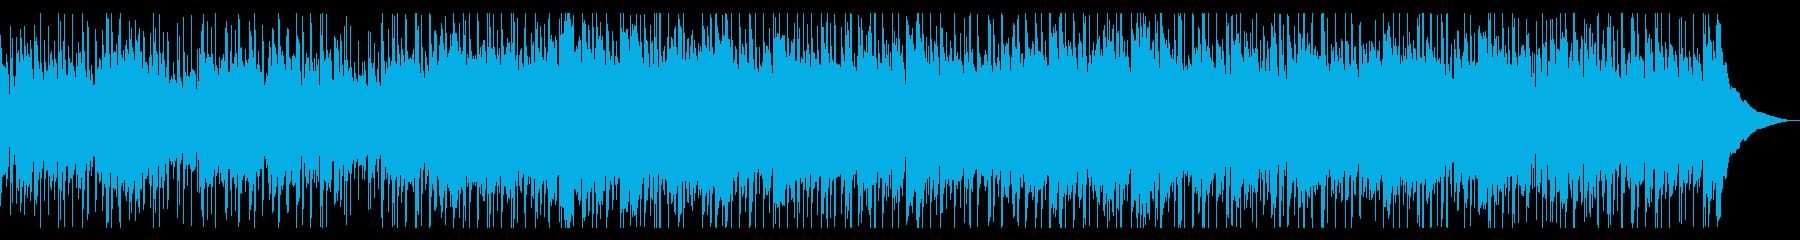 ほのぼの牧歌的アコースティックギター曲の再生済みの波形